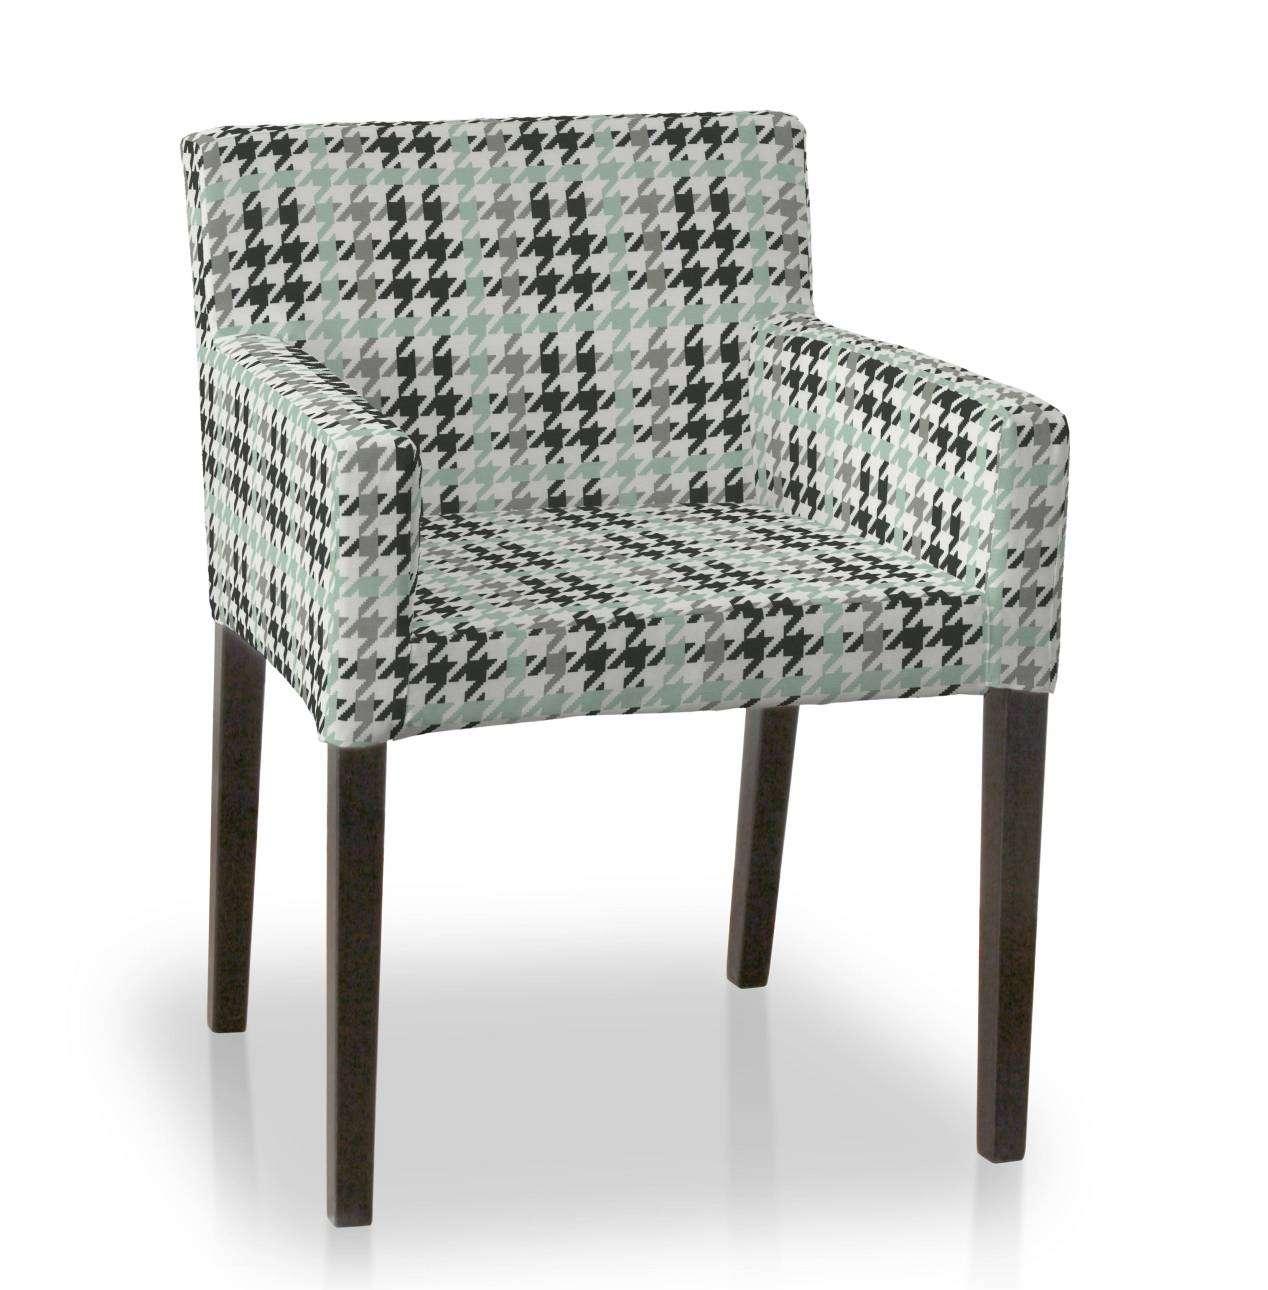 Sukienka na krzesło Nils krzesło Nils w kolekcji Brooklyn, tkanina: 137-77